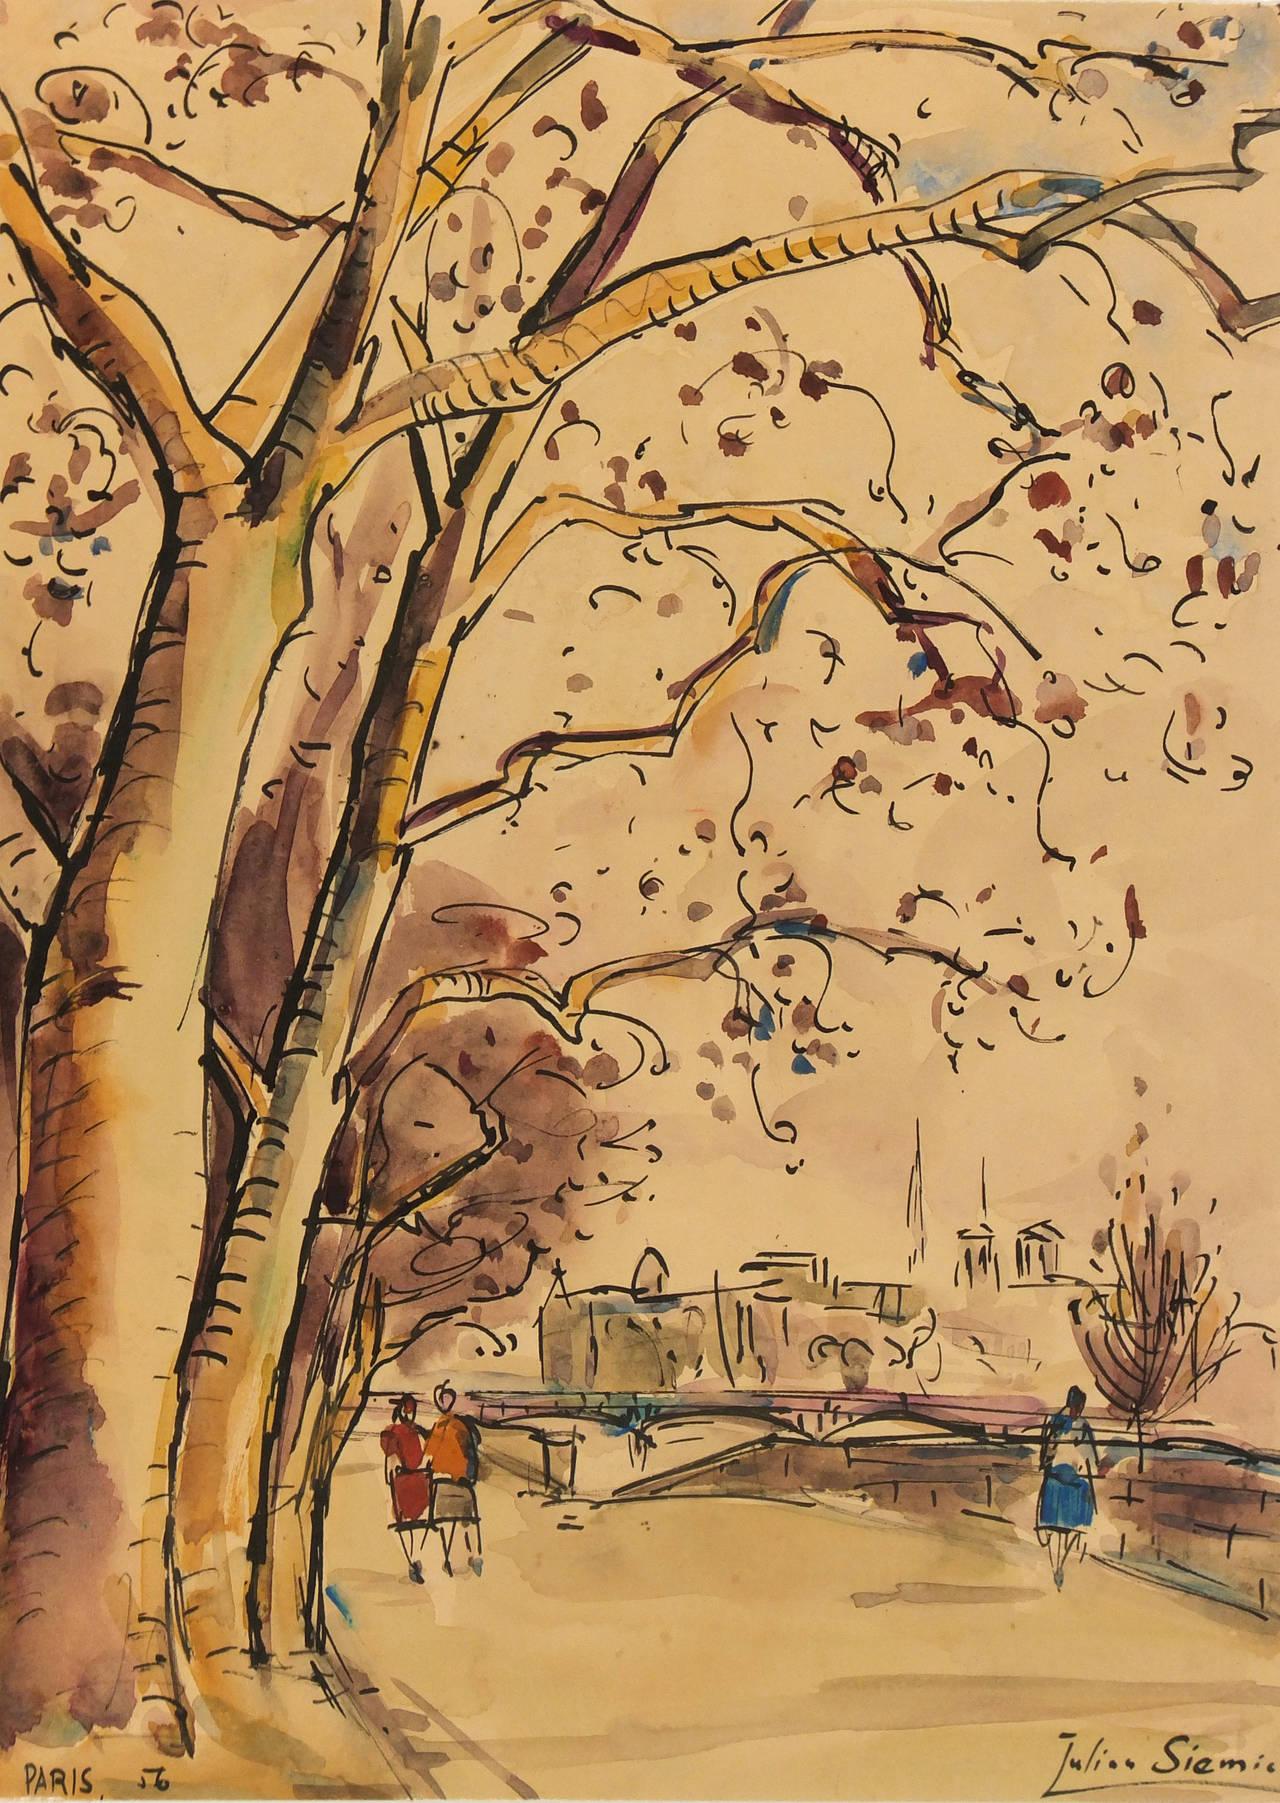 Watercolor artist magazine palm coast fl - Unknown French Watercolor Paris Landscape Painting 1